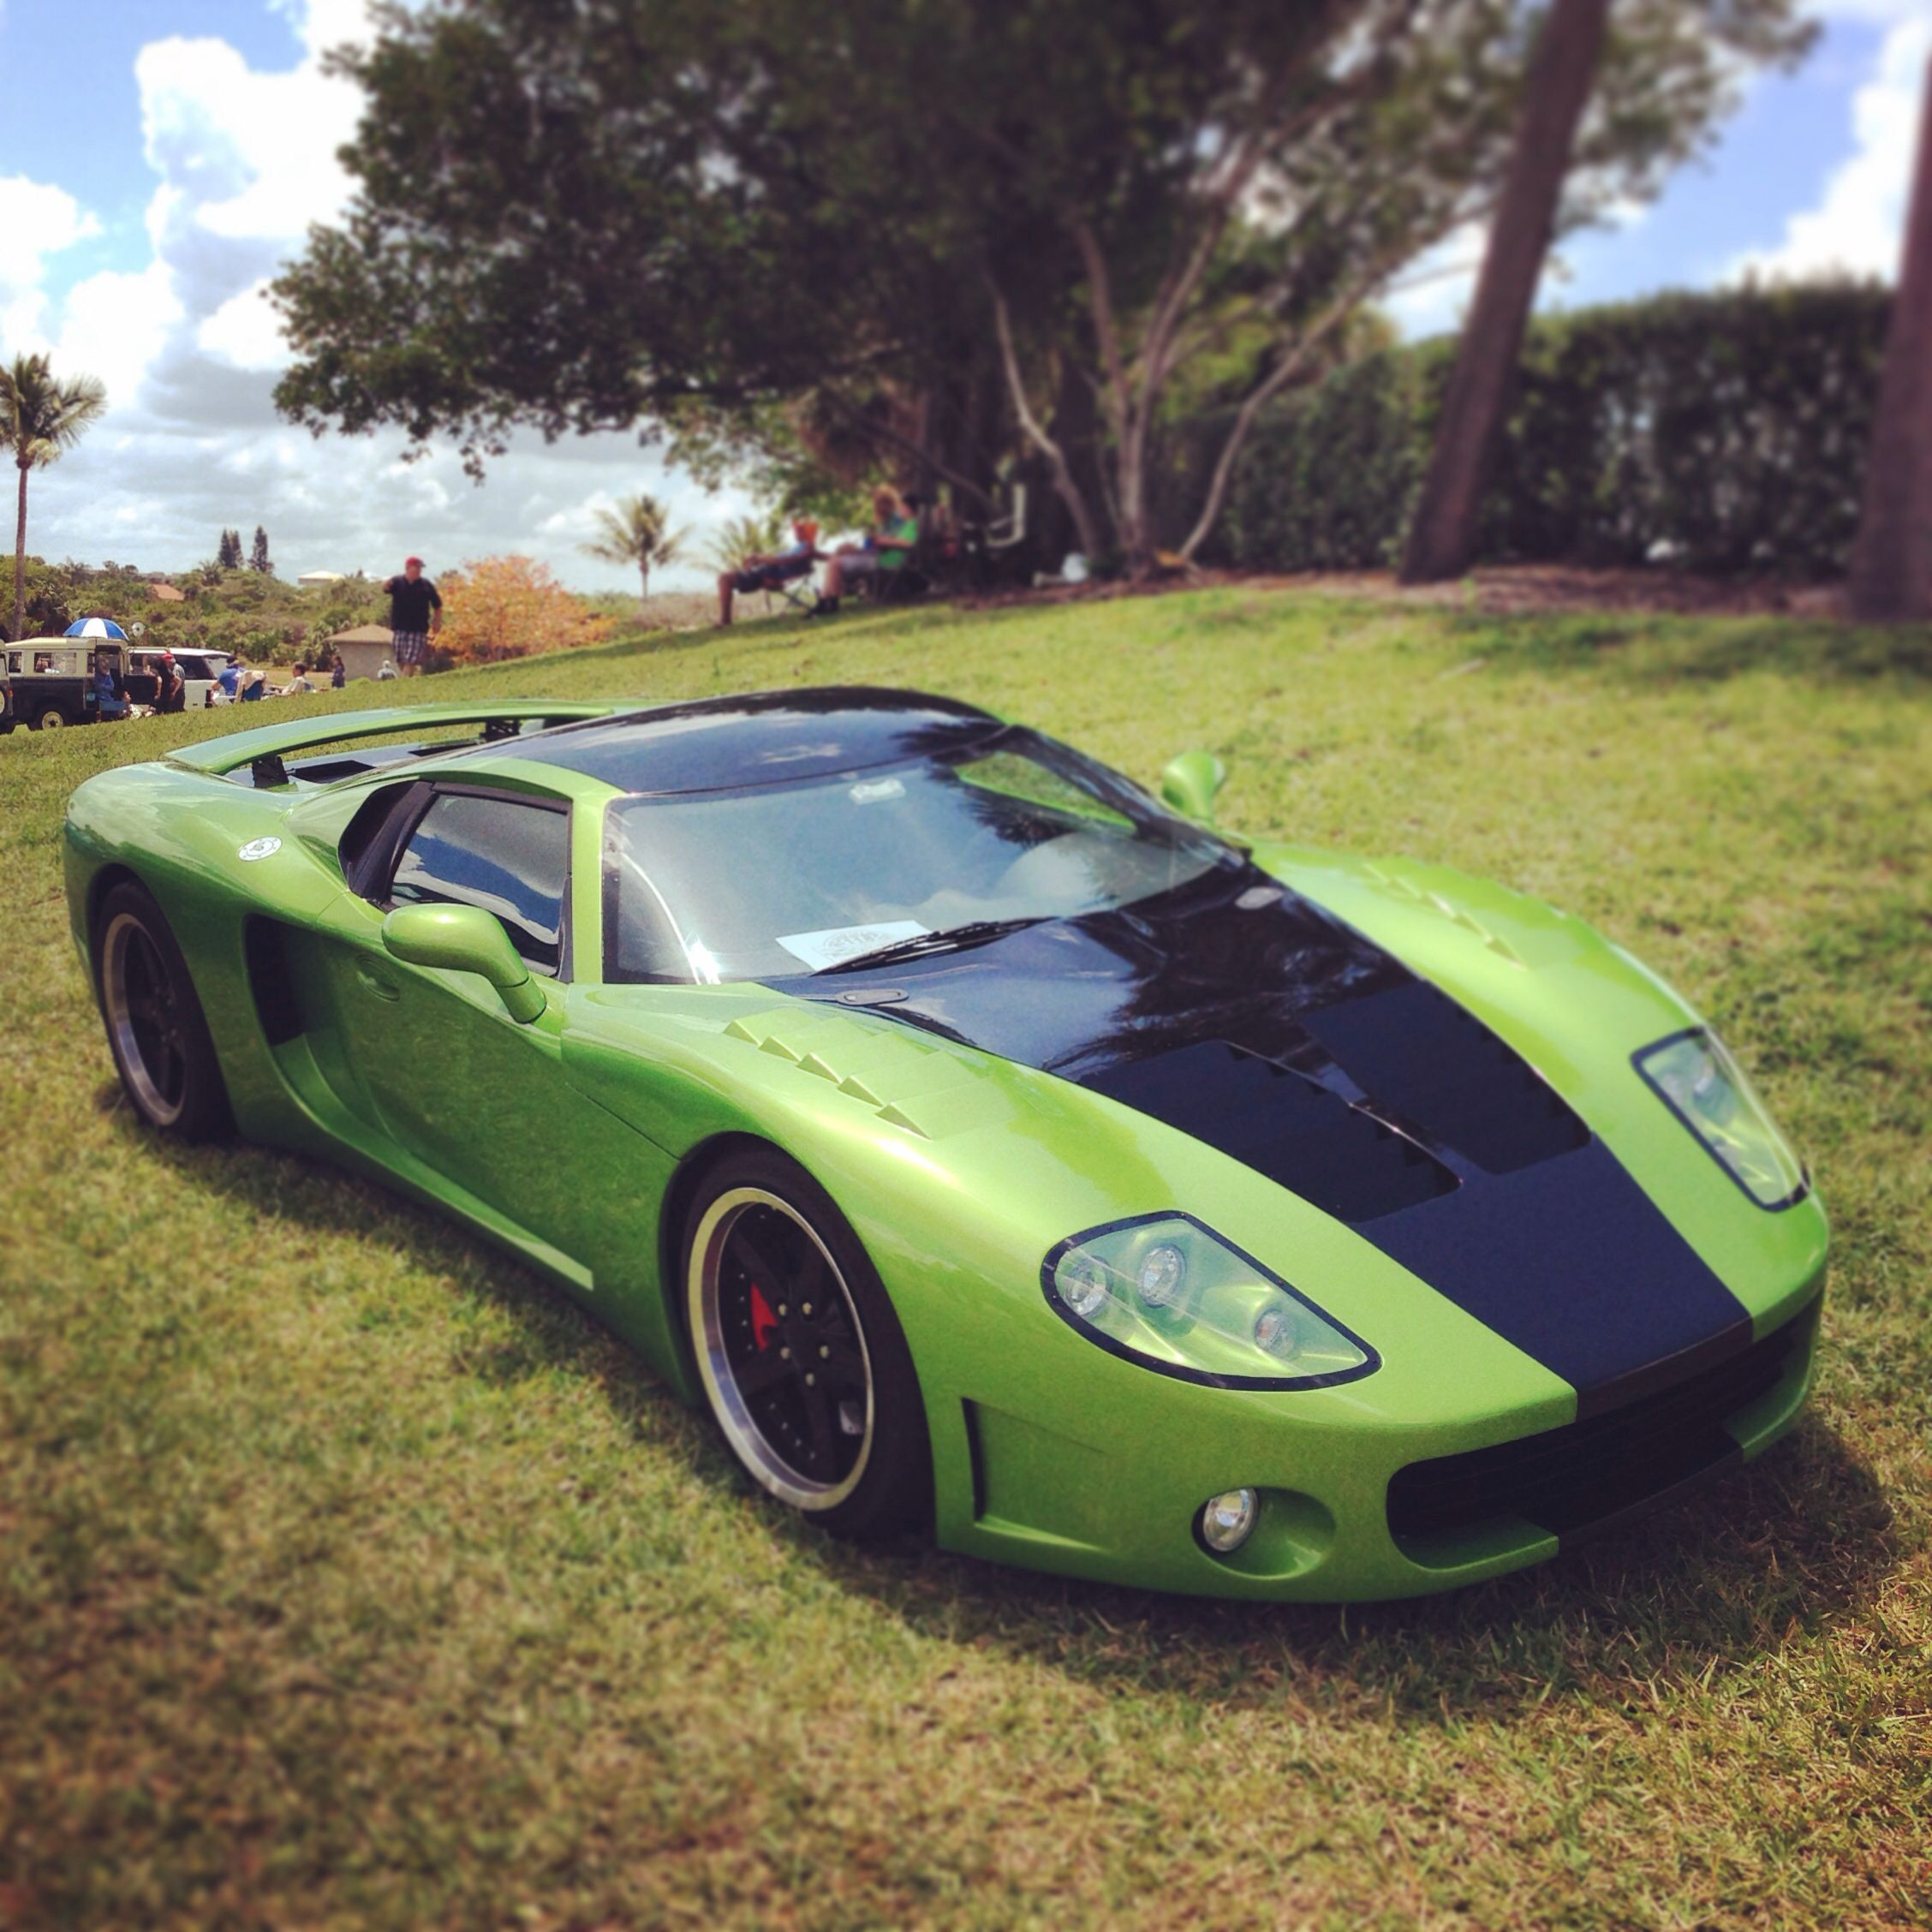 86659e1ddb0178ad98187e51bbabf36f Stunning Ficha Tecnica Porsche 918 Spyder Concept Cars Trend